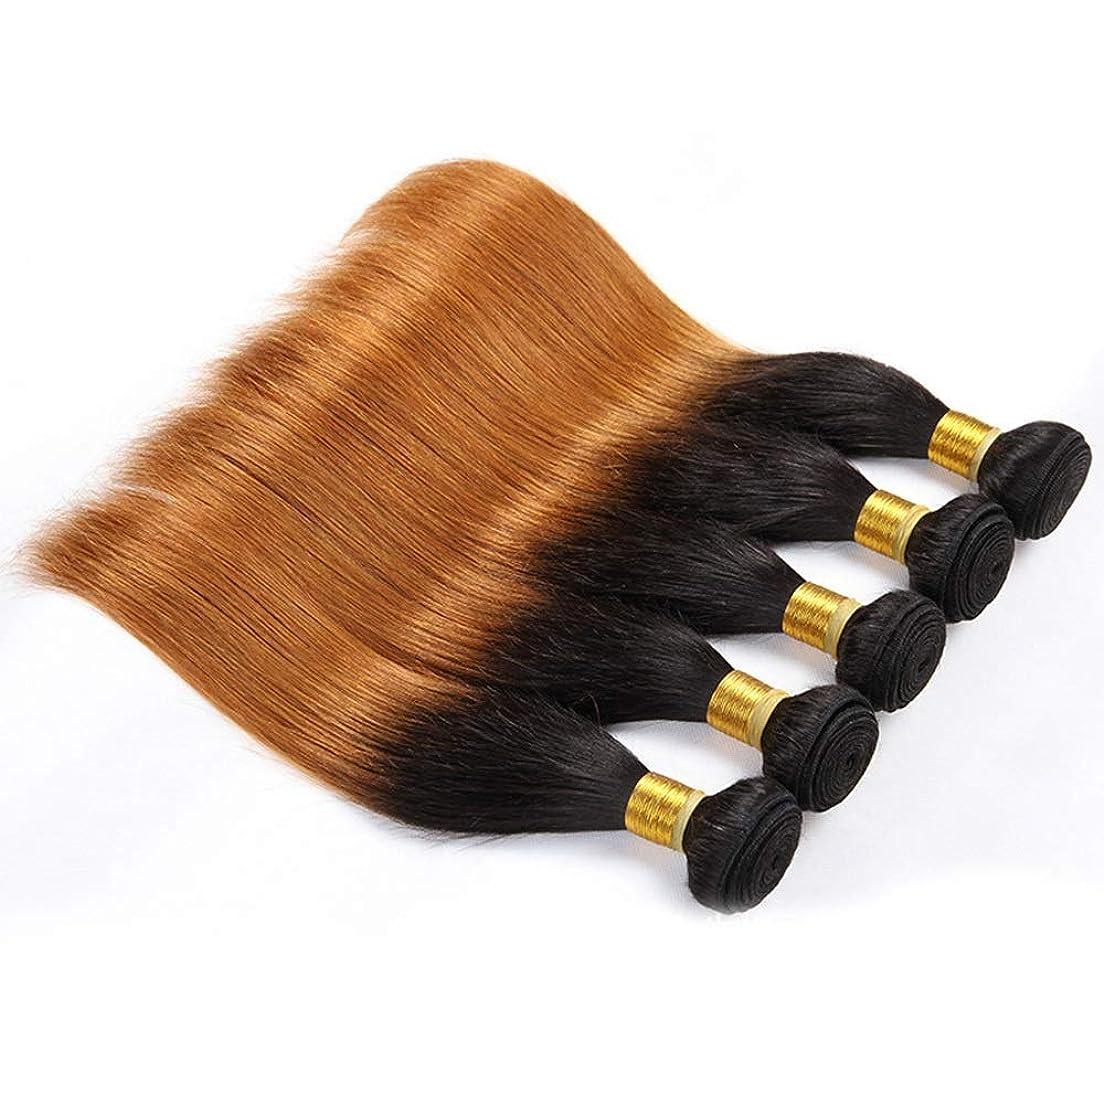 市区町村モスク図Yrattary ブラジル織りストレートヘアエクステンション - 1B / 30ブラックからブラウン2トーンの色人間の髪の毛1バンドル(100g、10